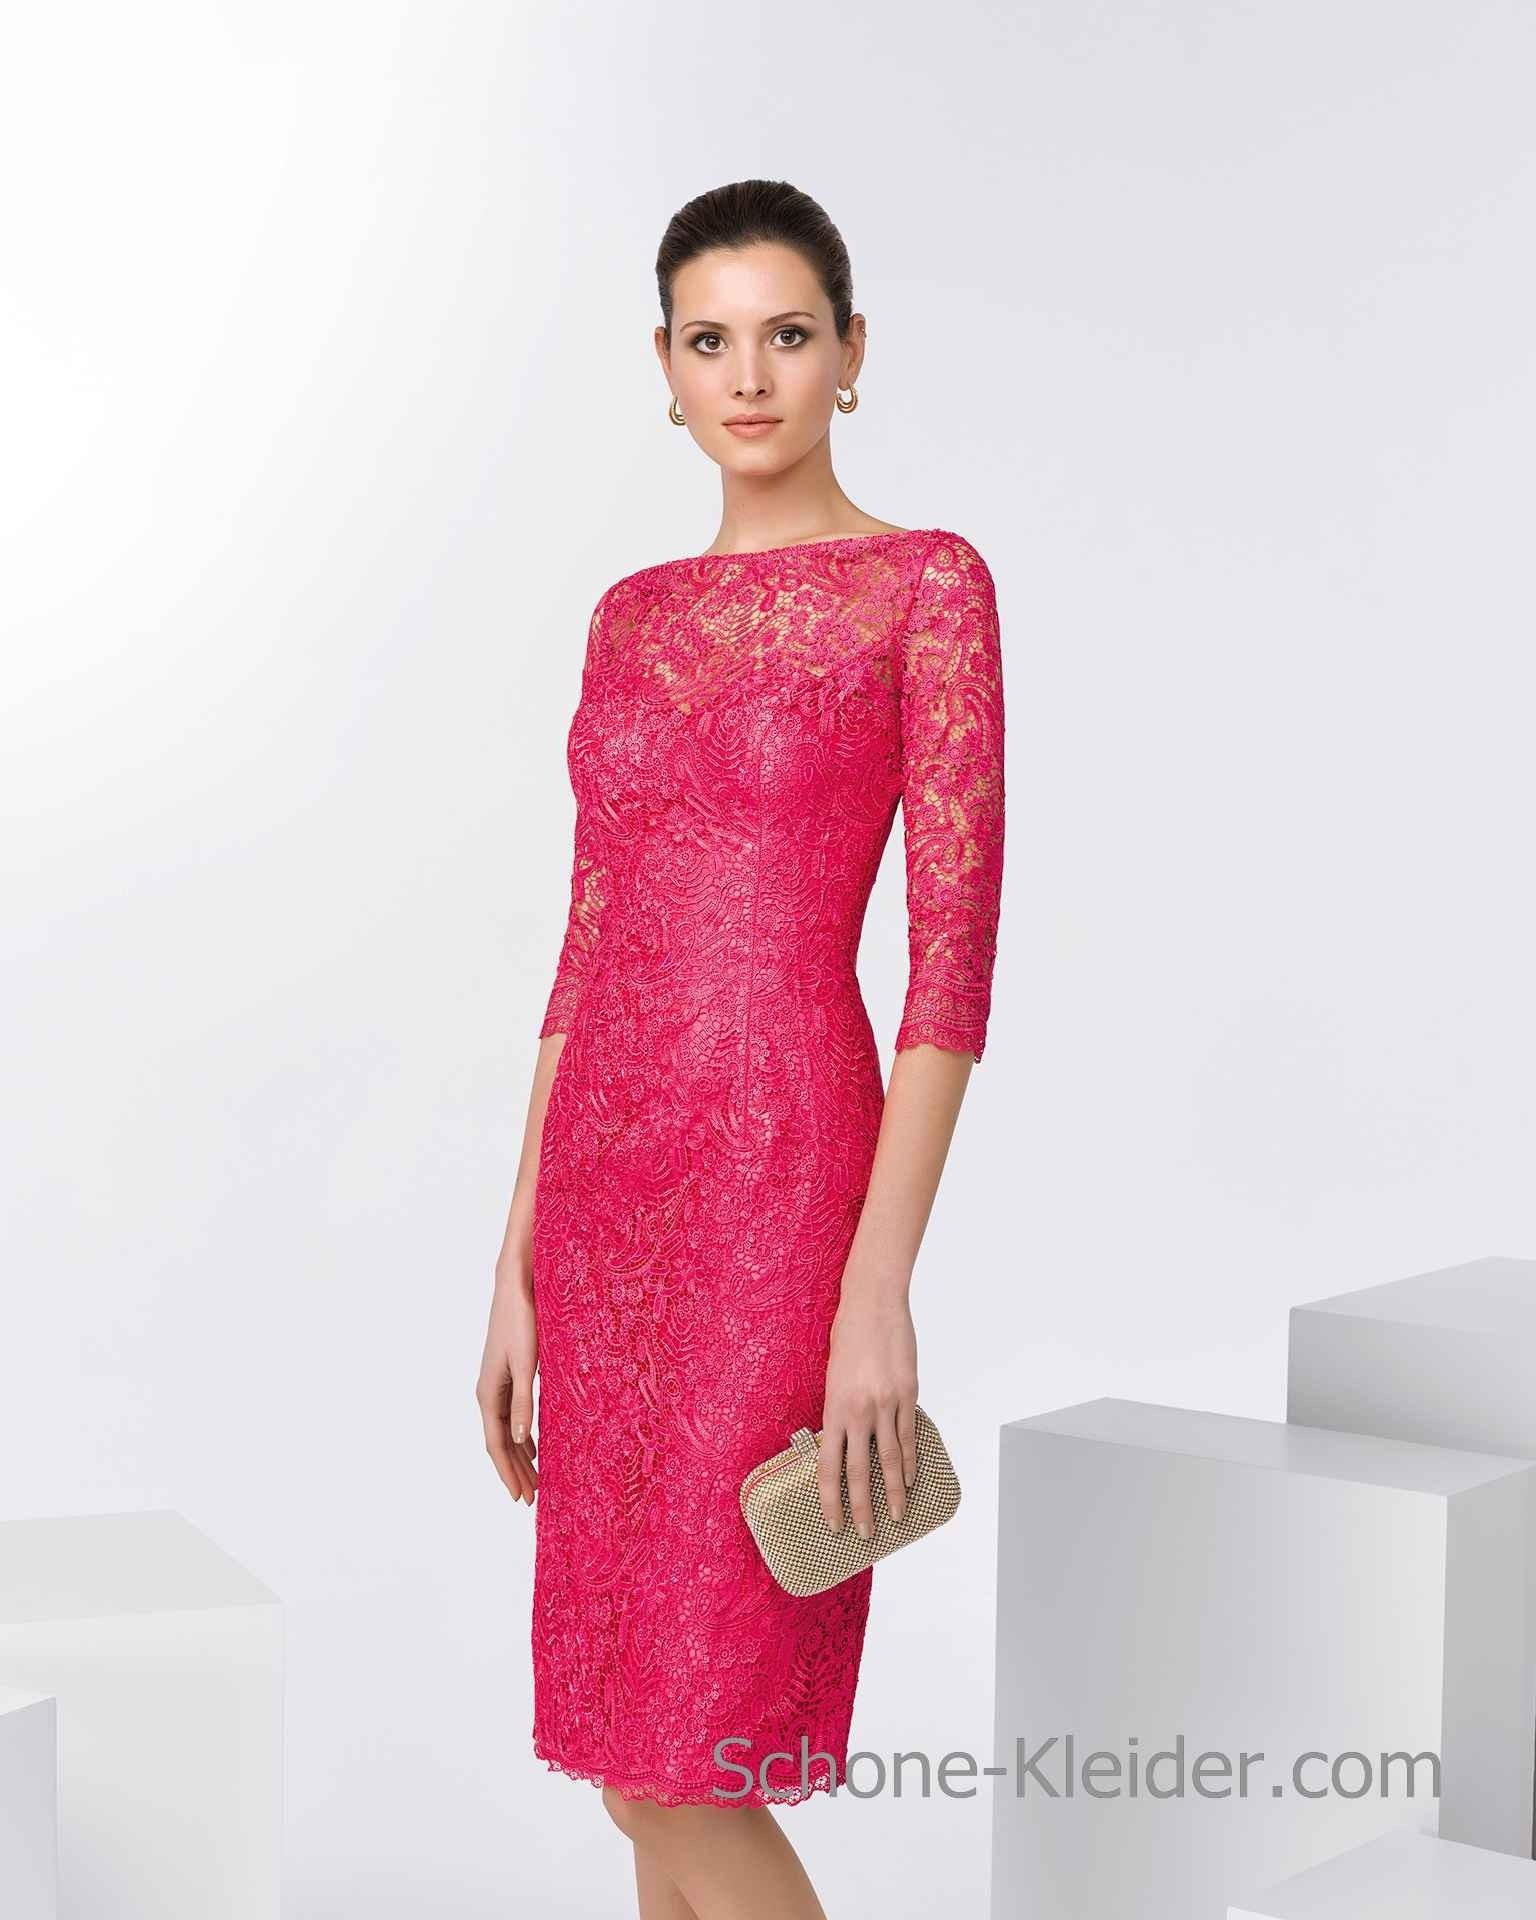 10 Cool Kleider Für Einen Besonderen Anlass Bester Preis15 Wunderbar Kleider Für Einen Besonderen Anlass Ärmel